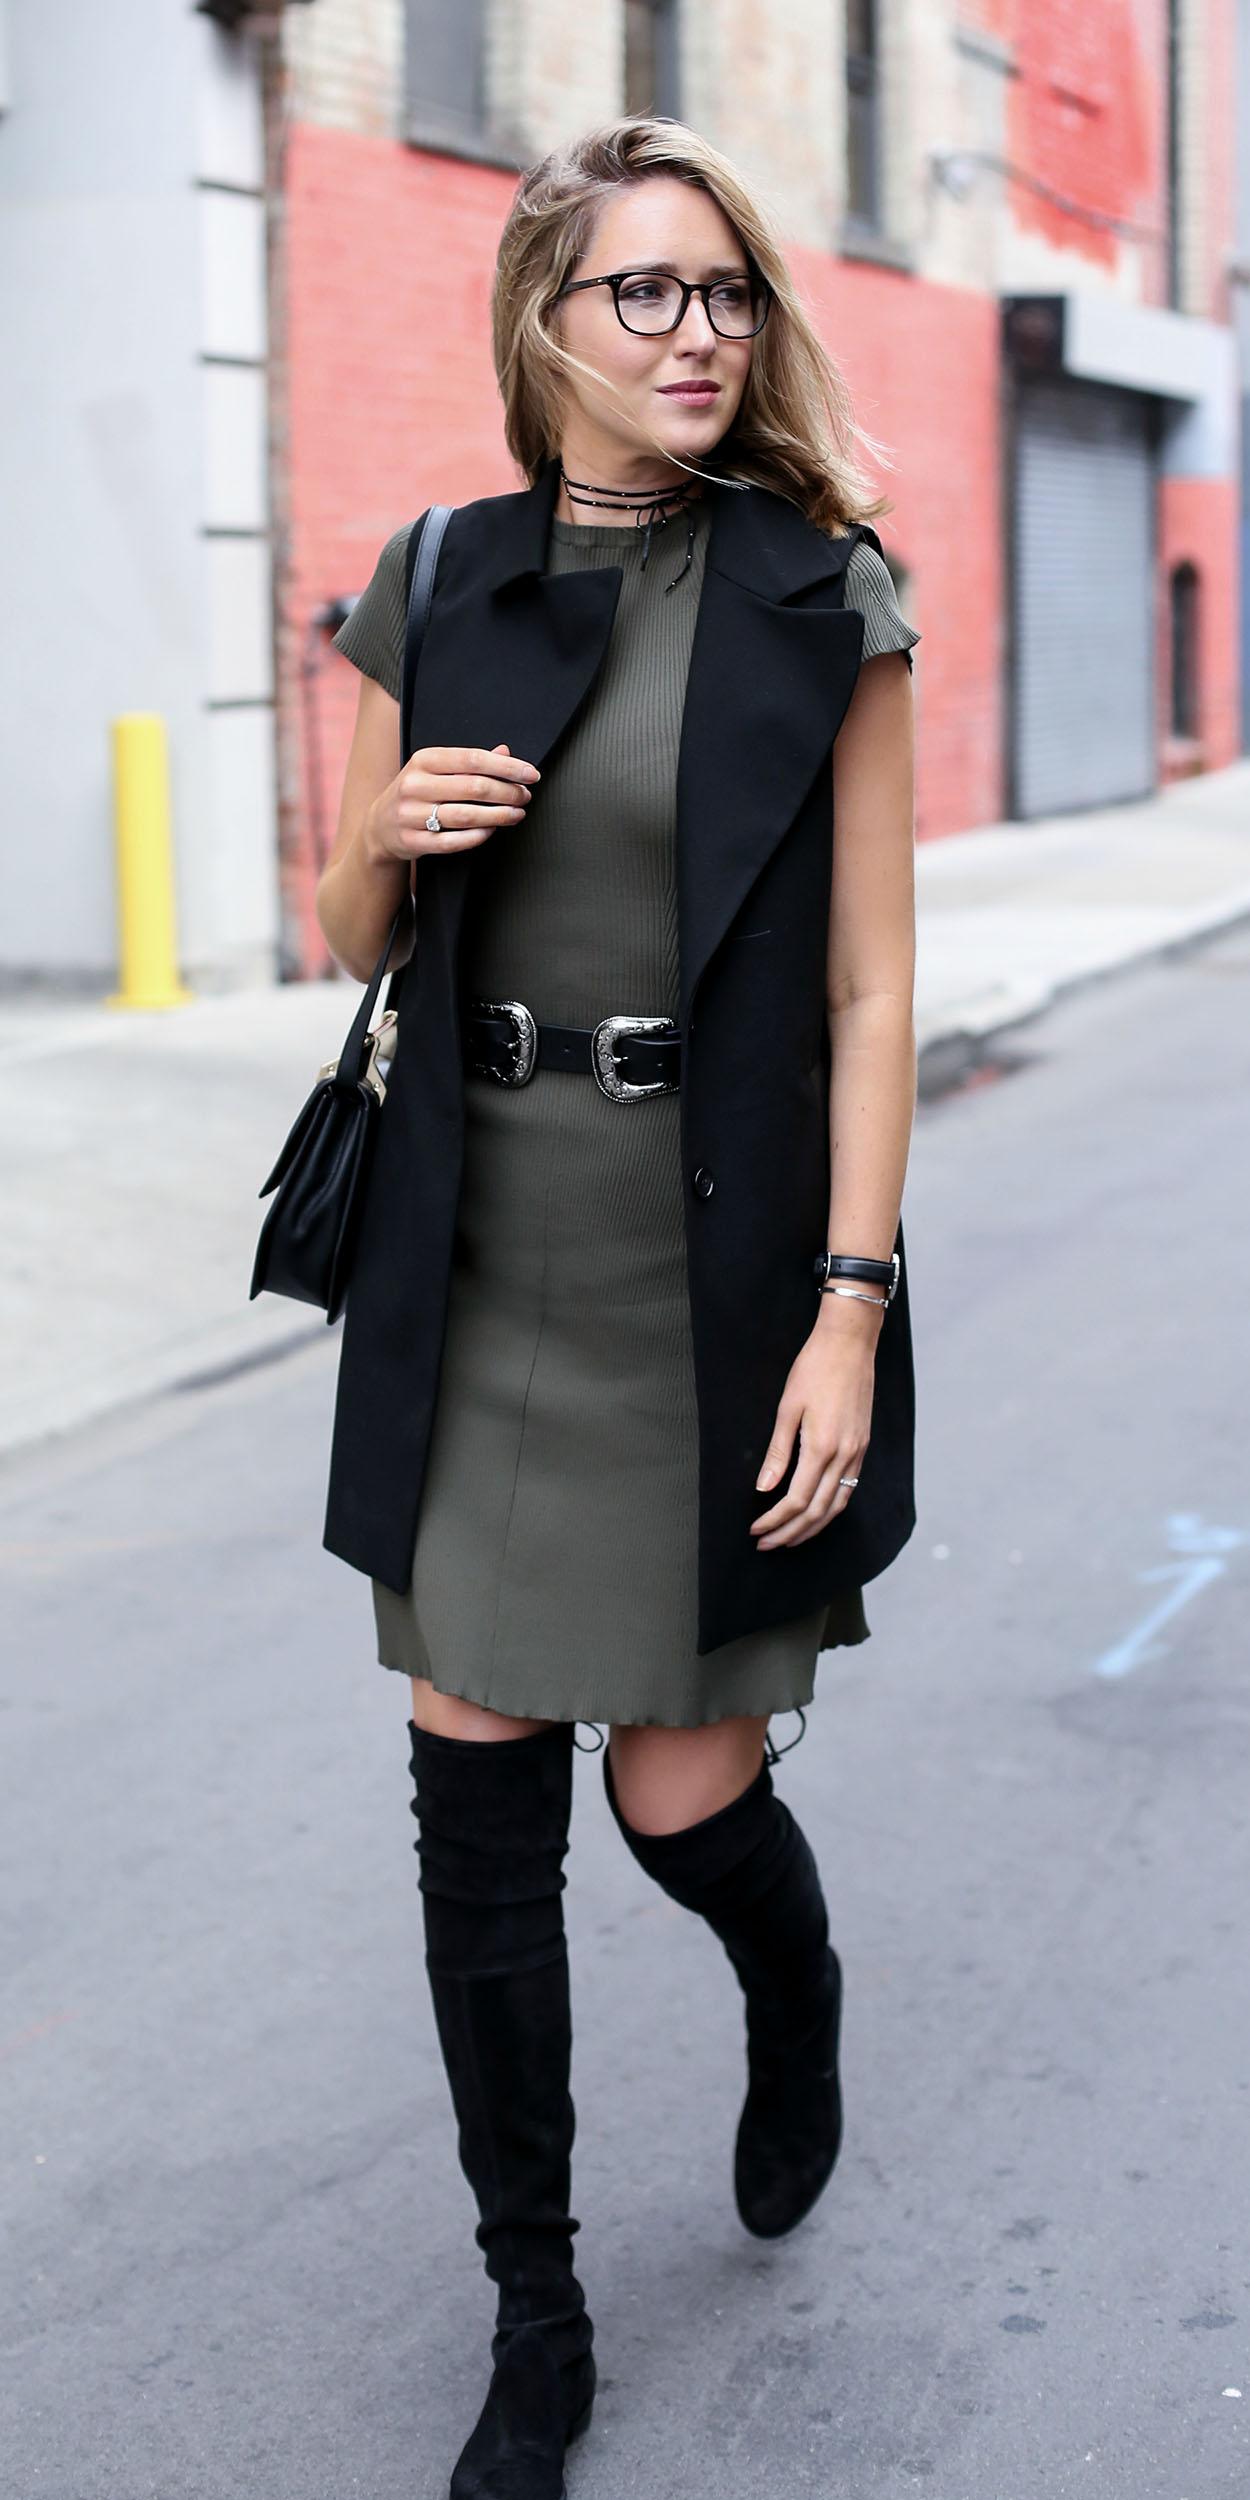 green-olive-dress-tshirt-wide-belt-choker-blonde-black-bag-black-shoe-boots-otk-black-vest-tailor-fall-winter-lunch.jpg